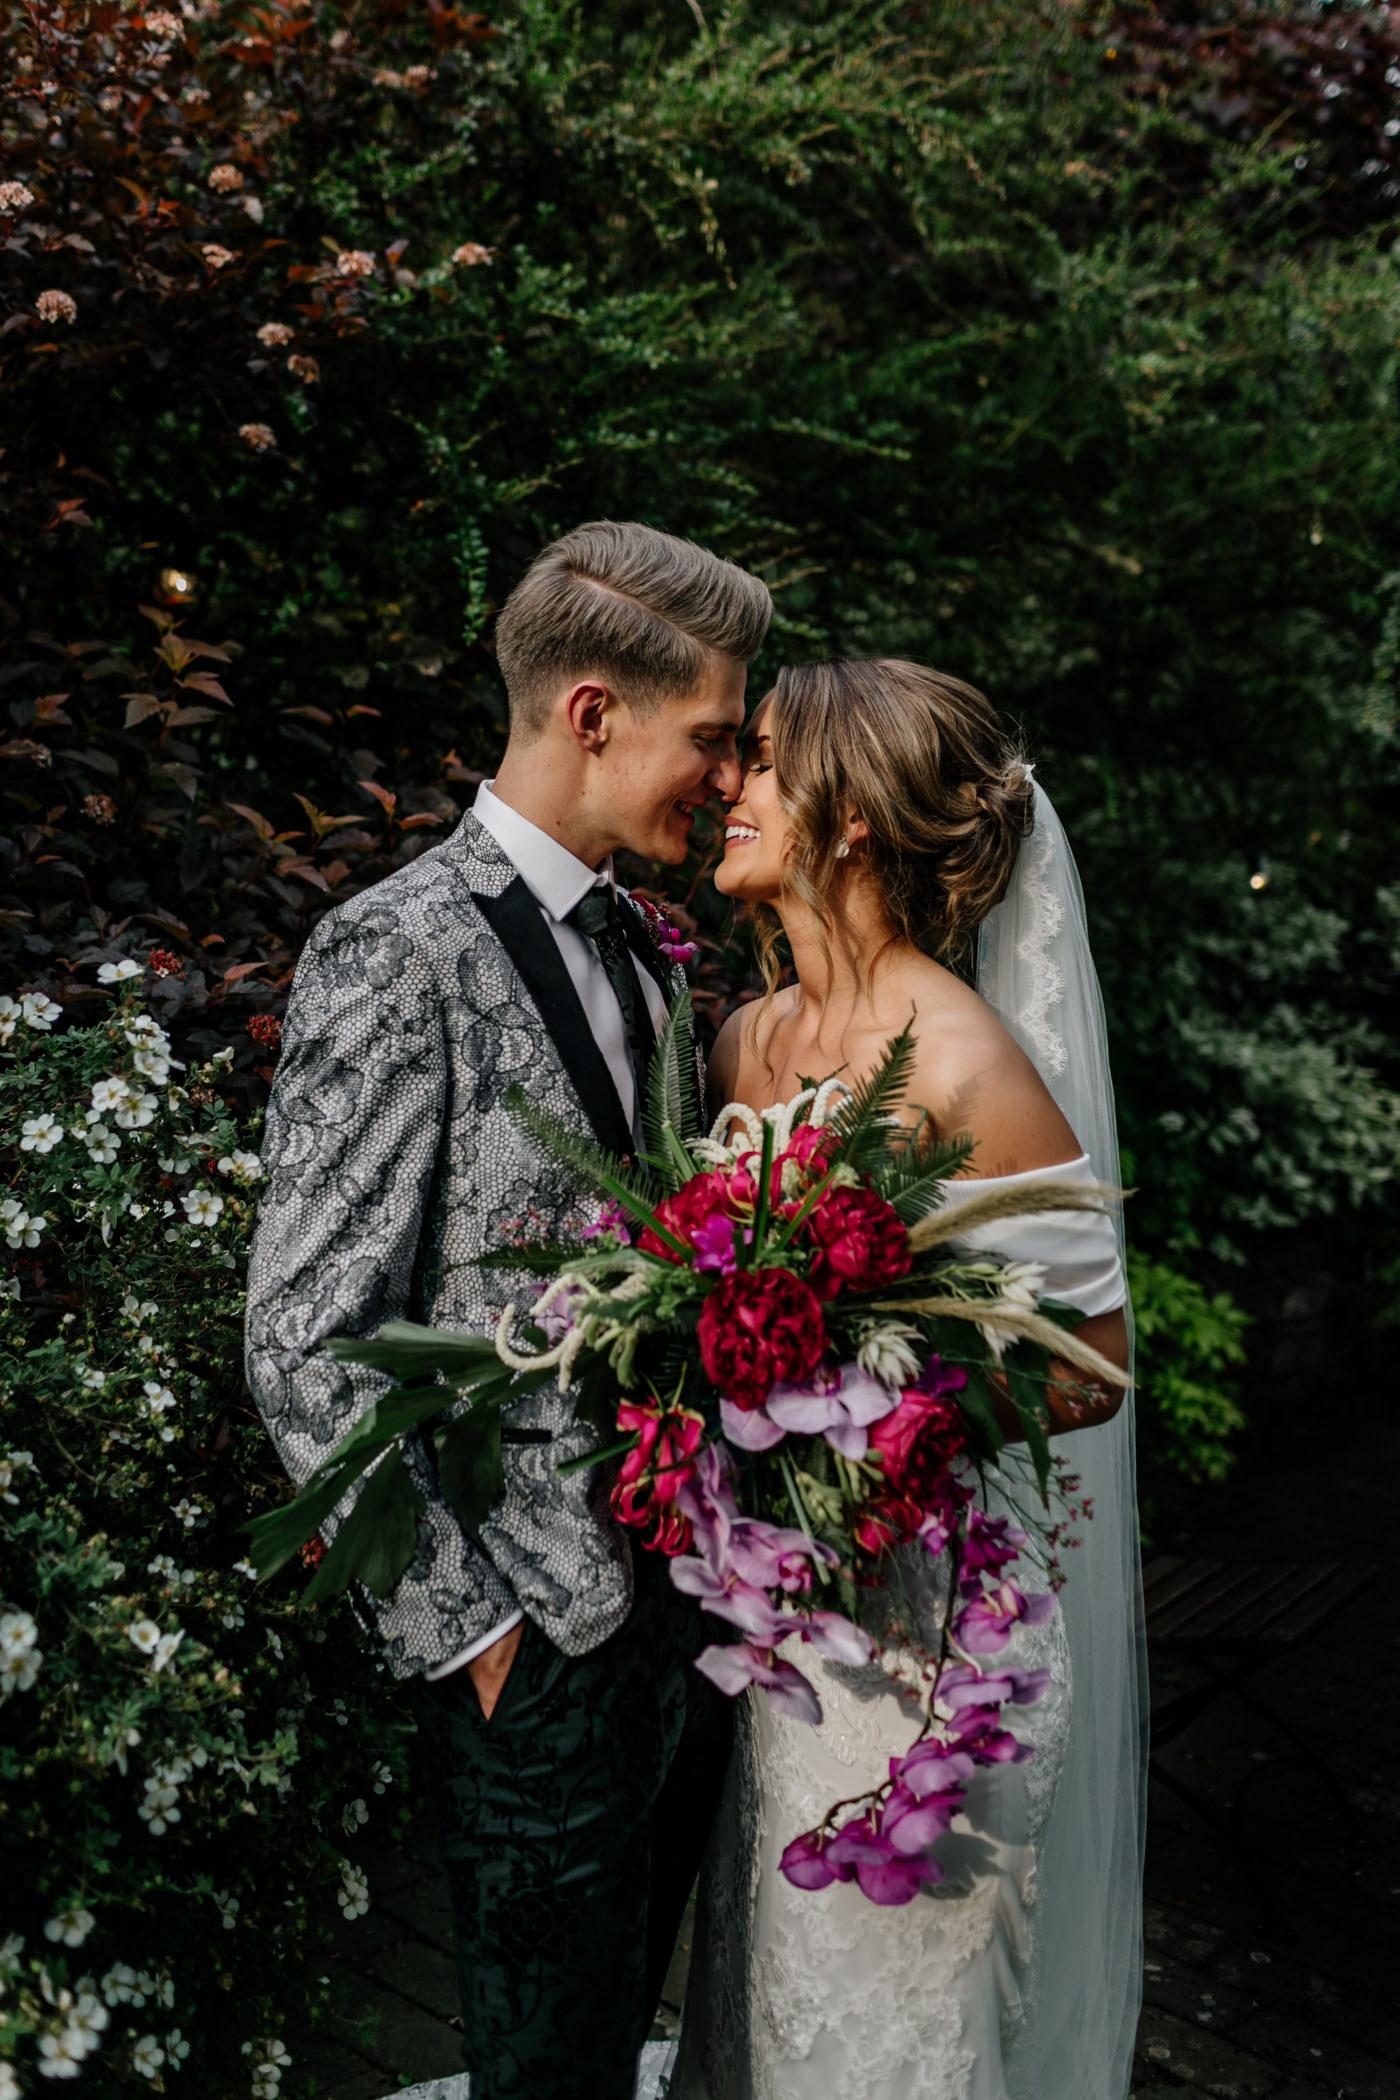 Tuscany wedding photographer uk